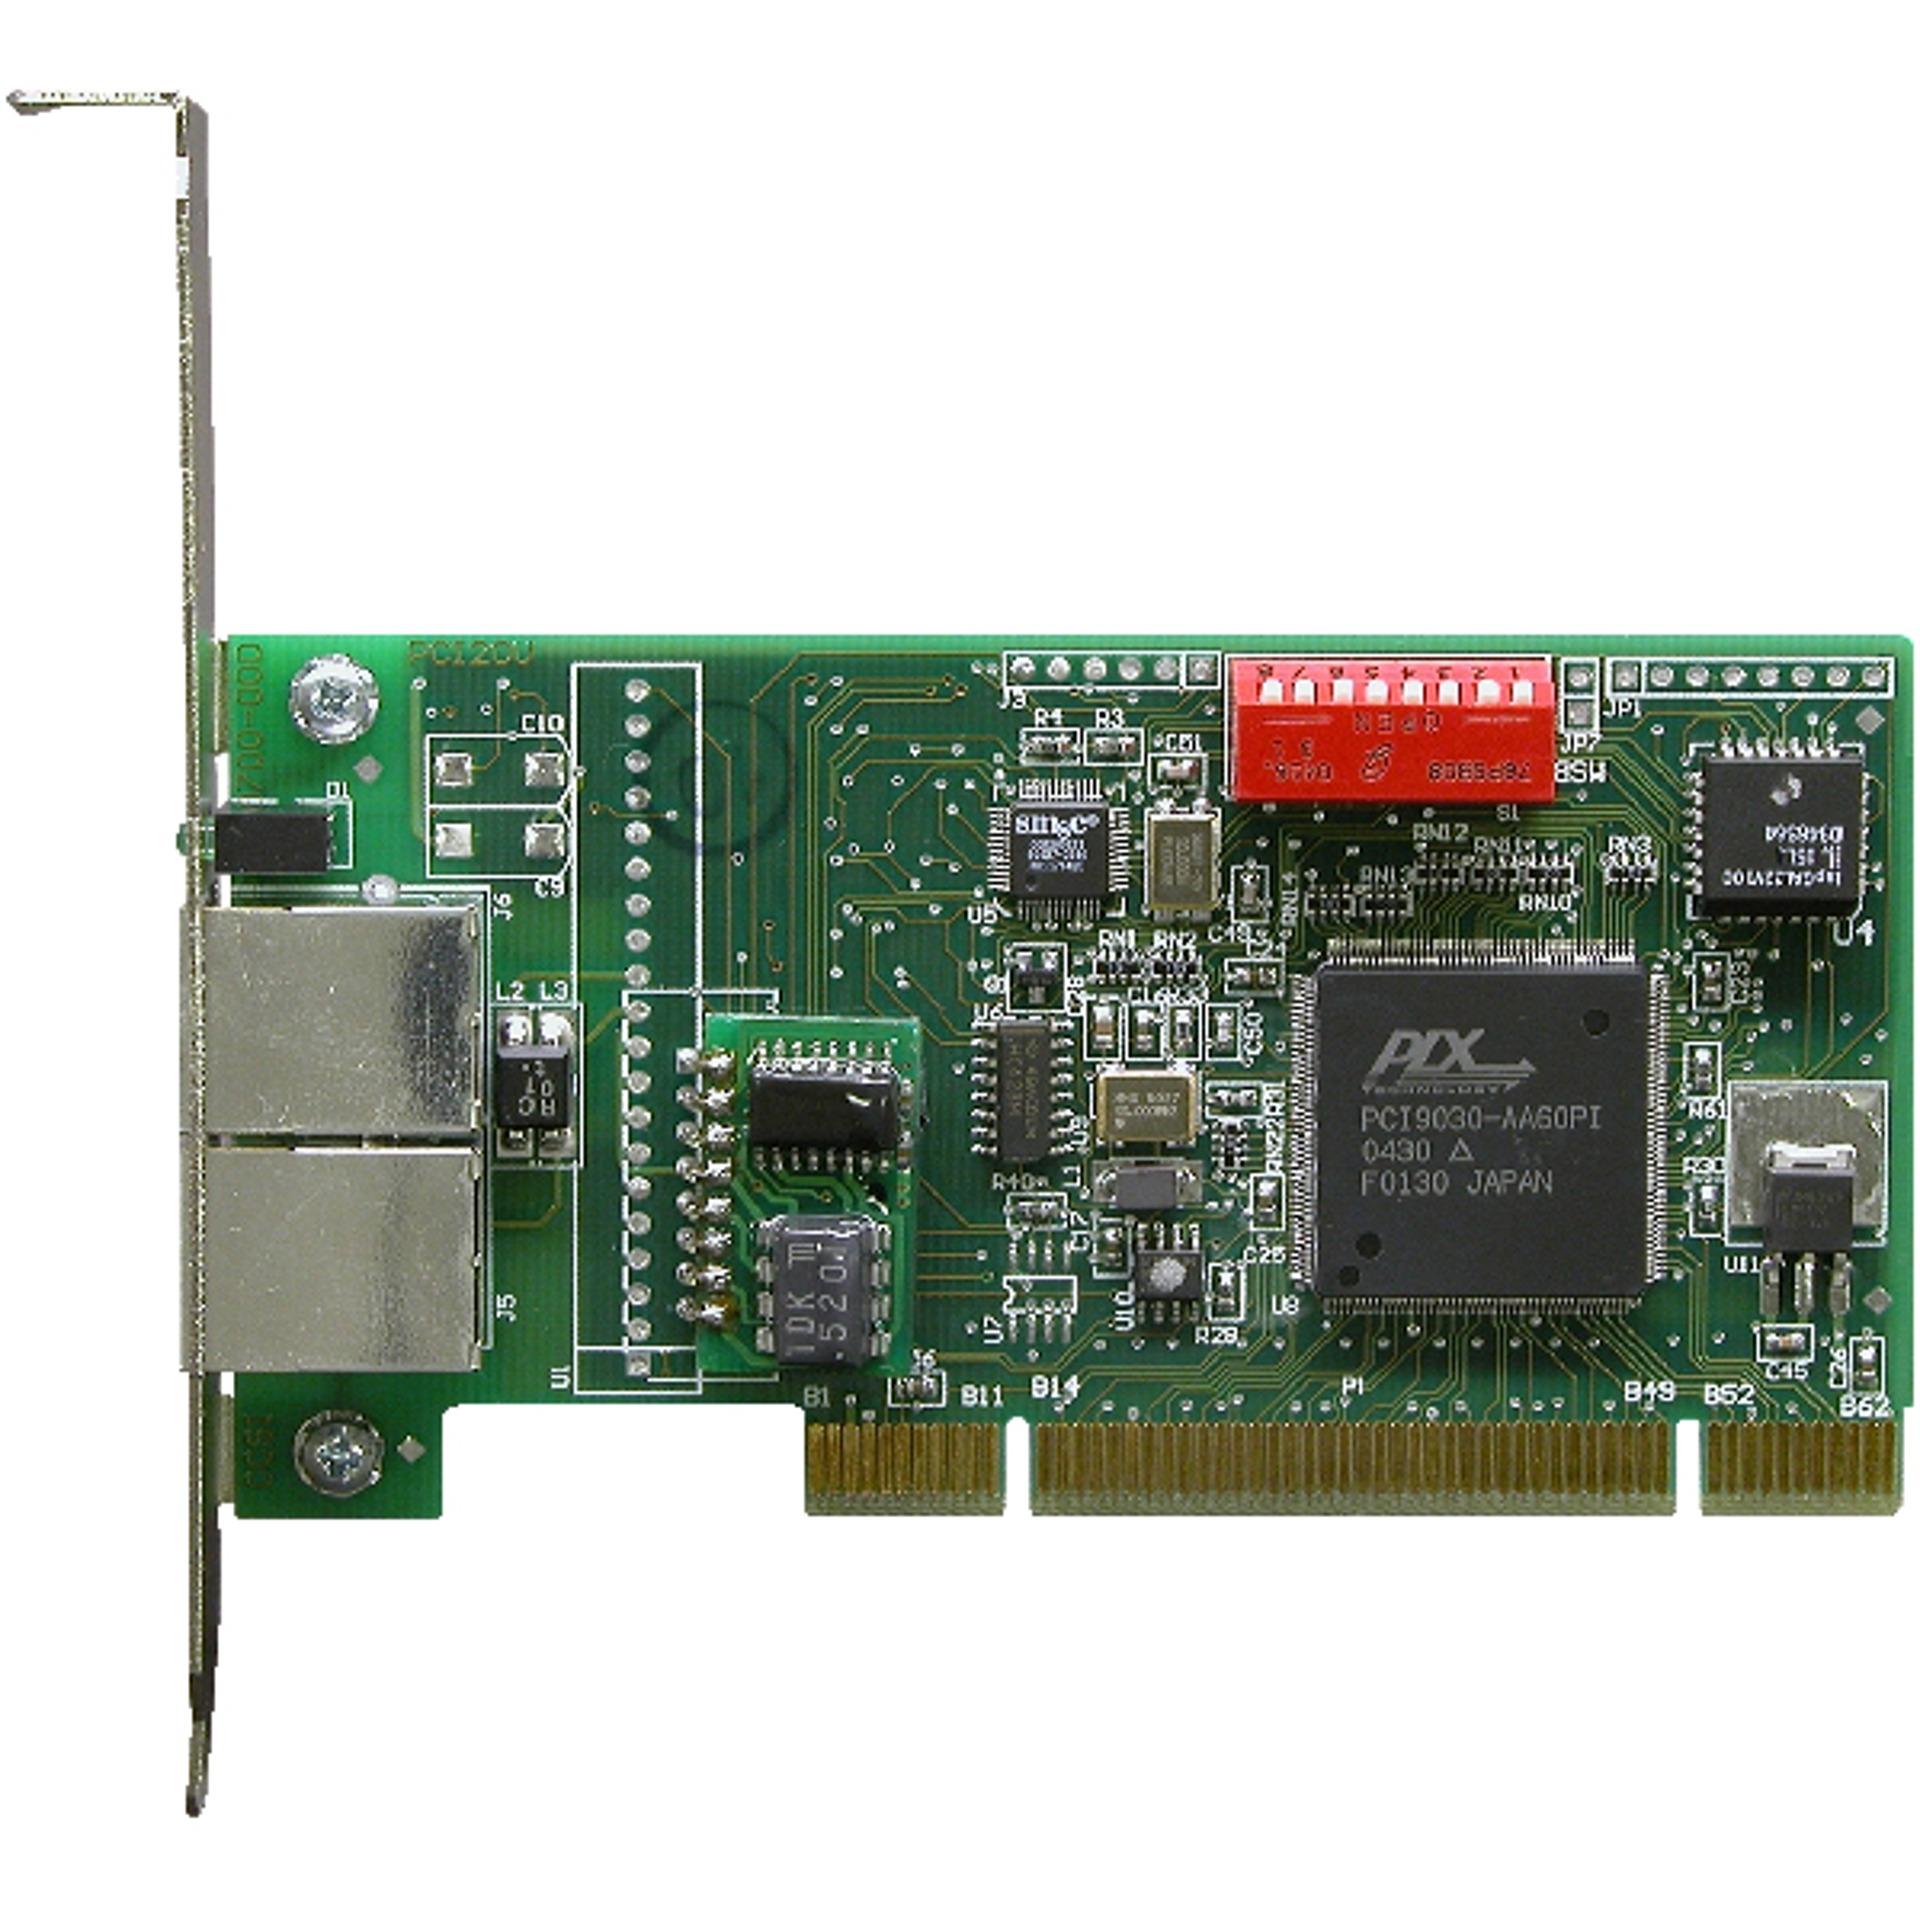 PCI20U Serie - ARCnet Adapter von CControls - BellEquip